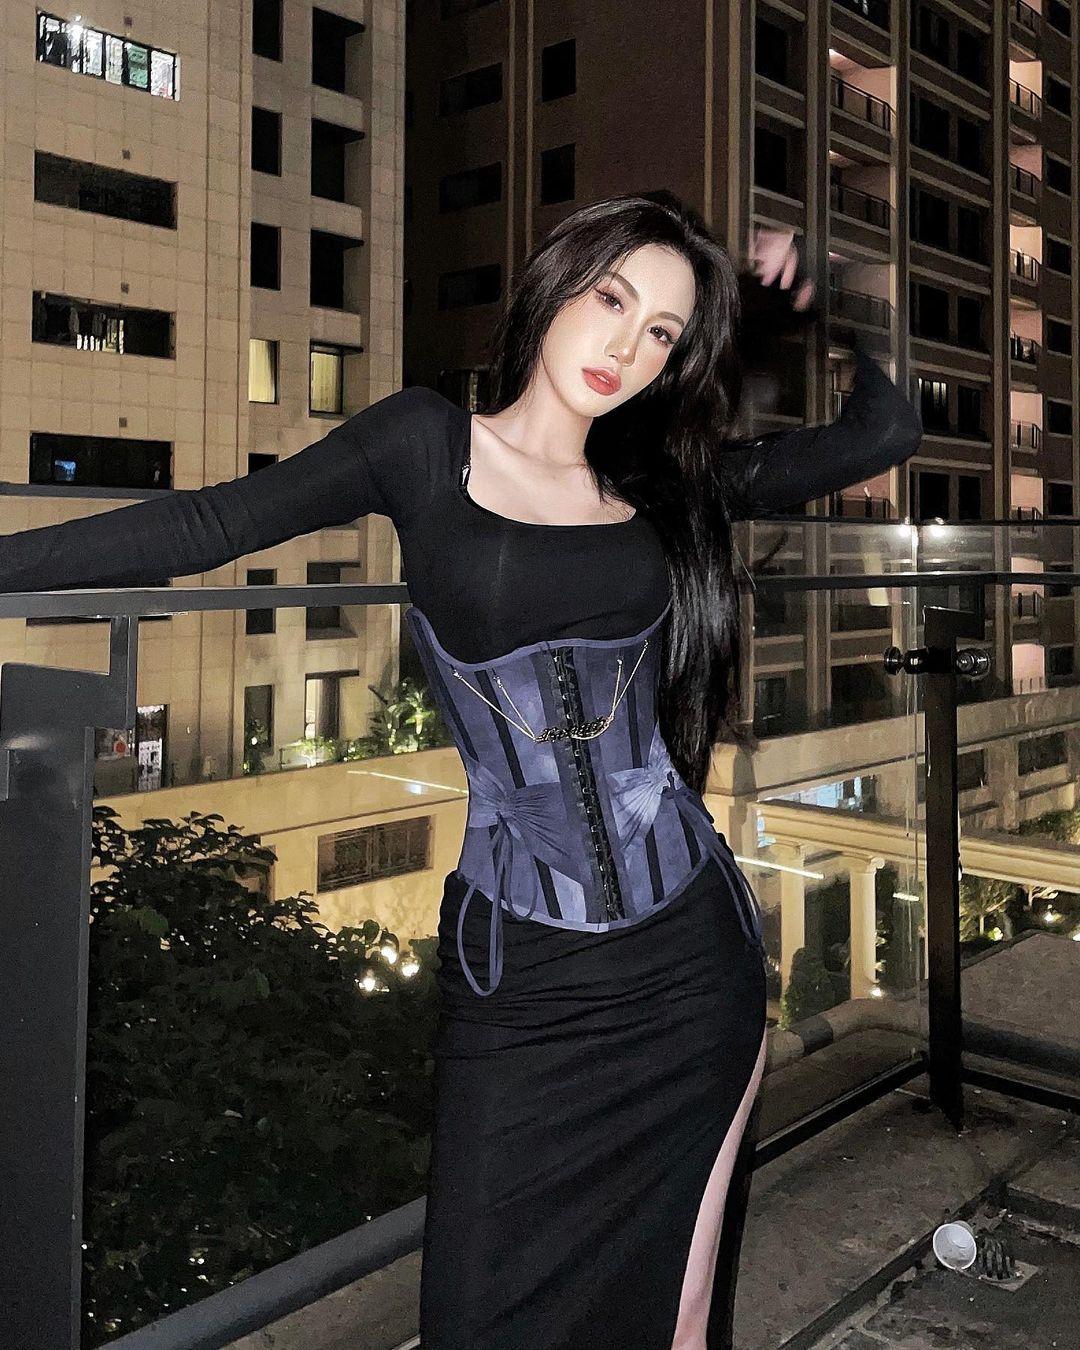 """Nàng giám đốc Đài Loan chuyên mặc kiểu đồ """"trắc nết"""", hở vẫn được khen thời thượng - hình ảnh 4"""